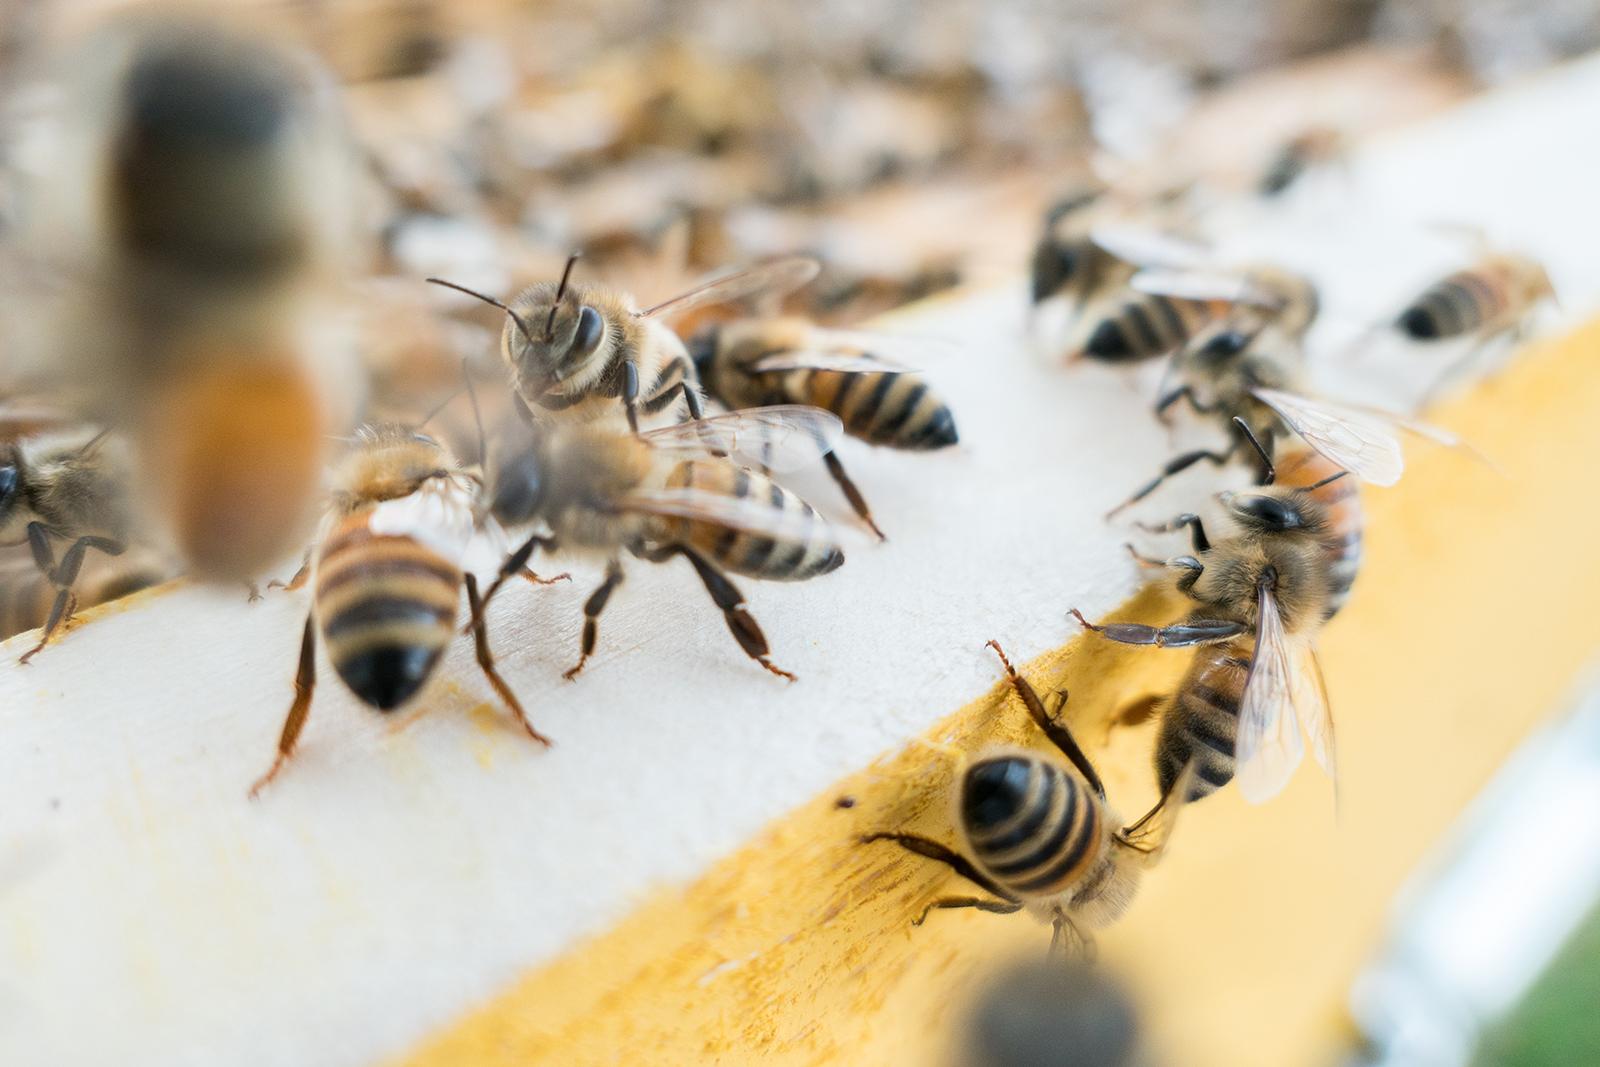 Les néonicotinoïdes représentent-ils un risque pour la santé des abeilles?